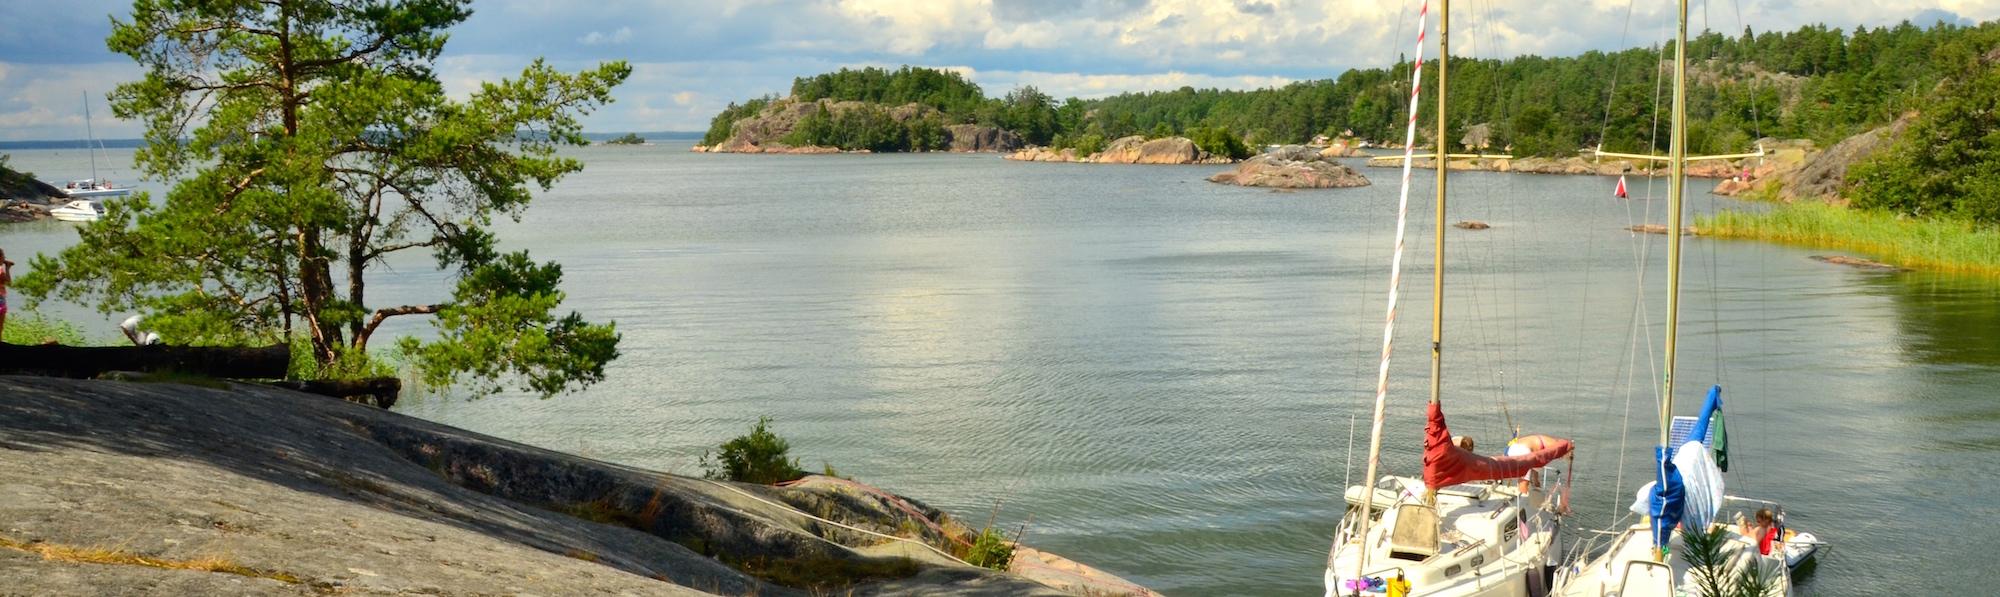 Isla de Grinda, Estocolmo